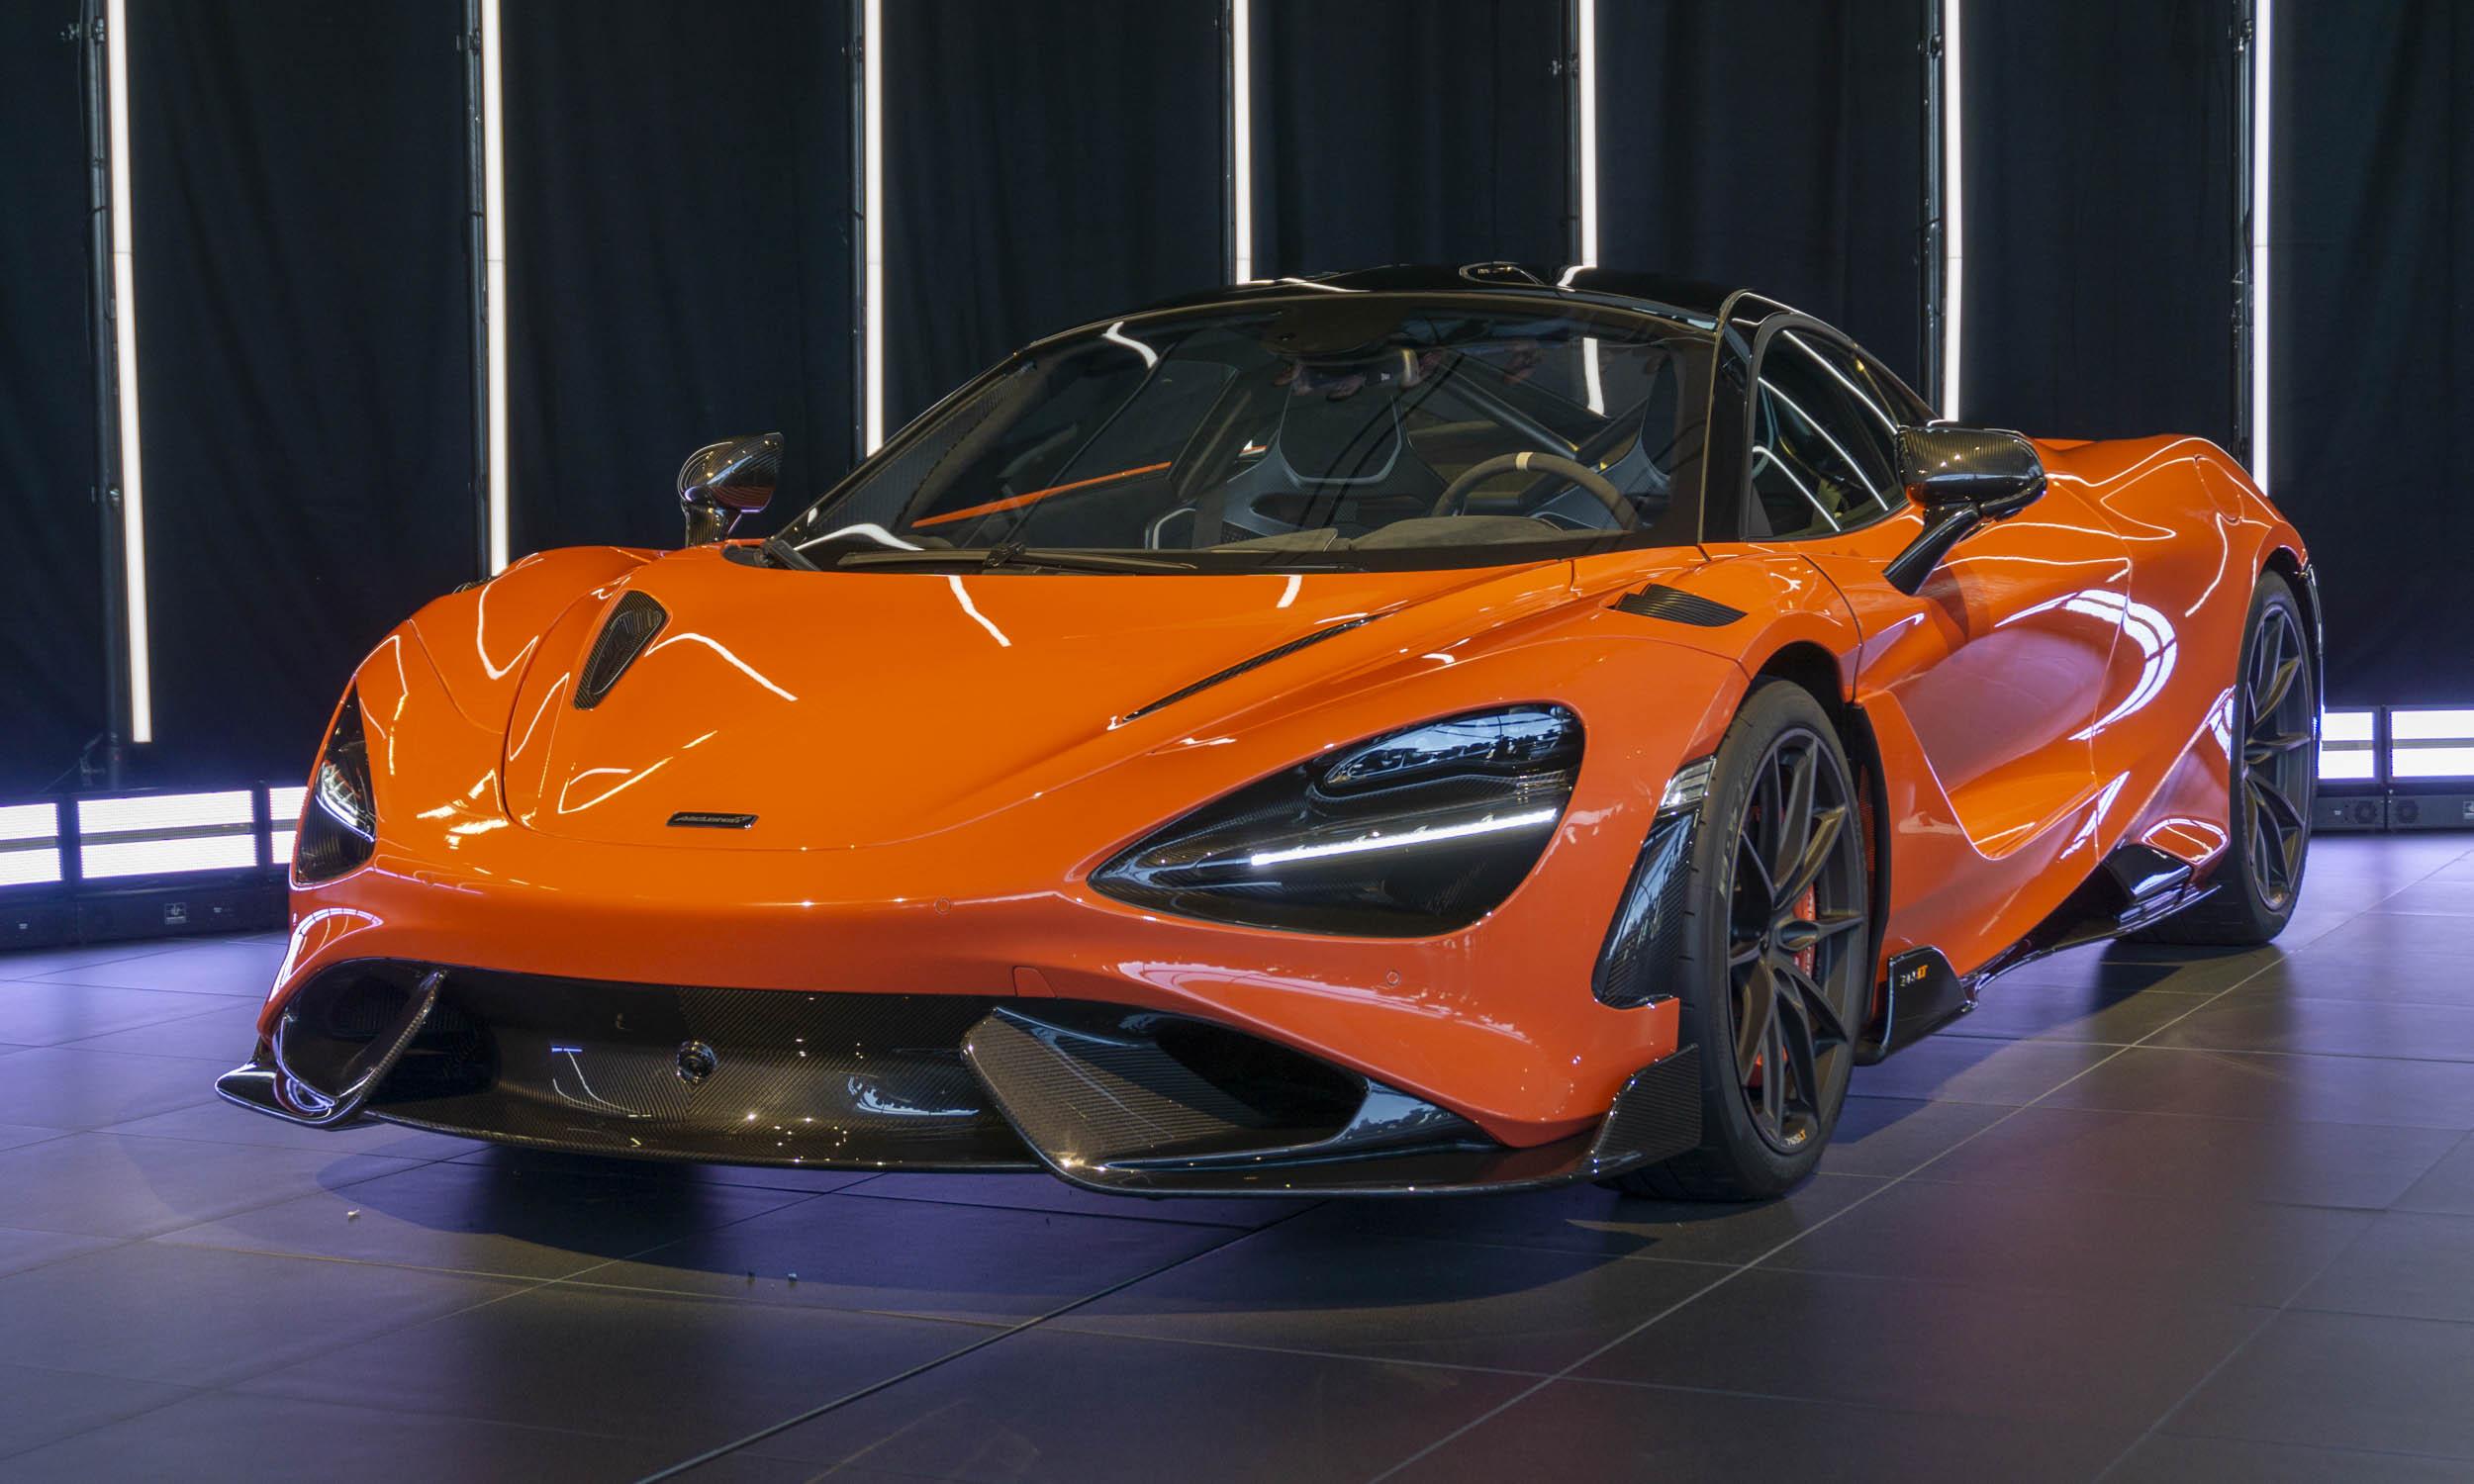 2021 McLaren 765LT: First Look